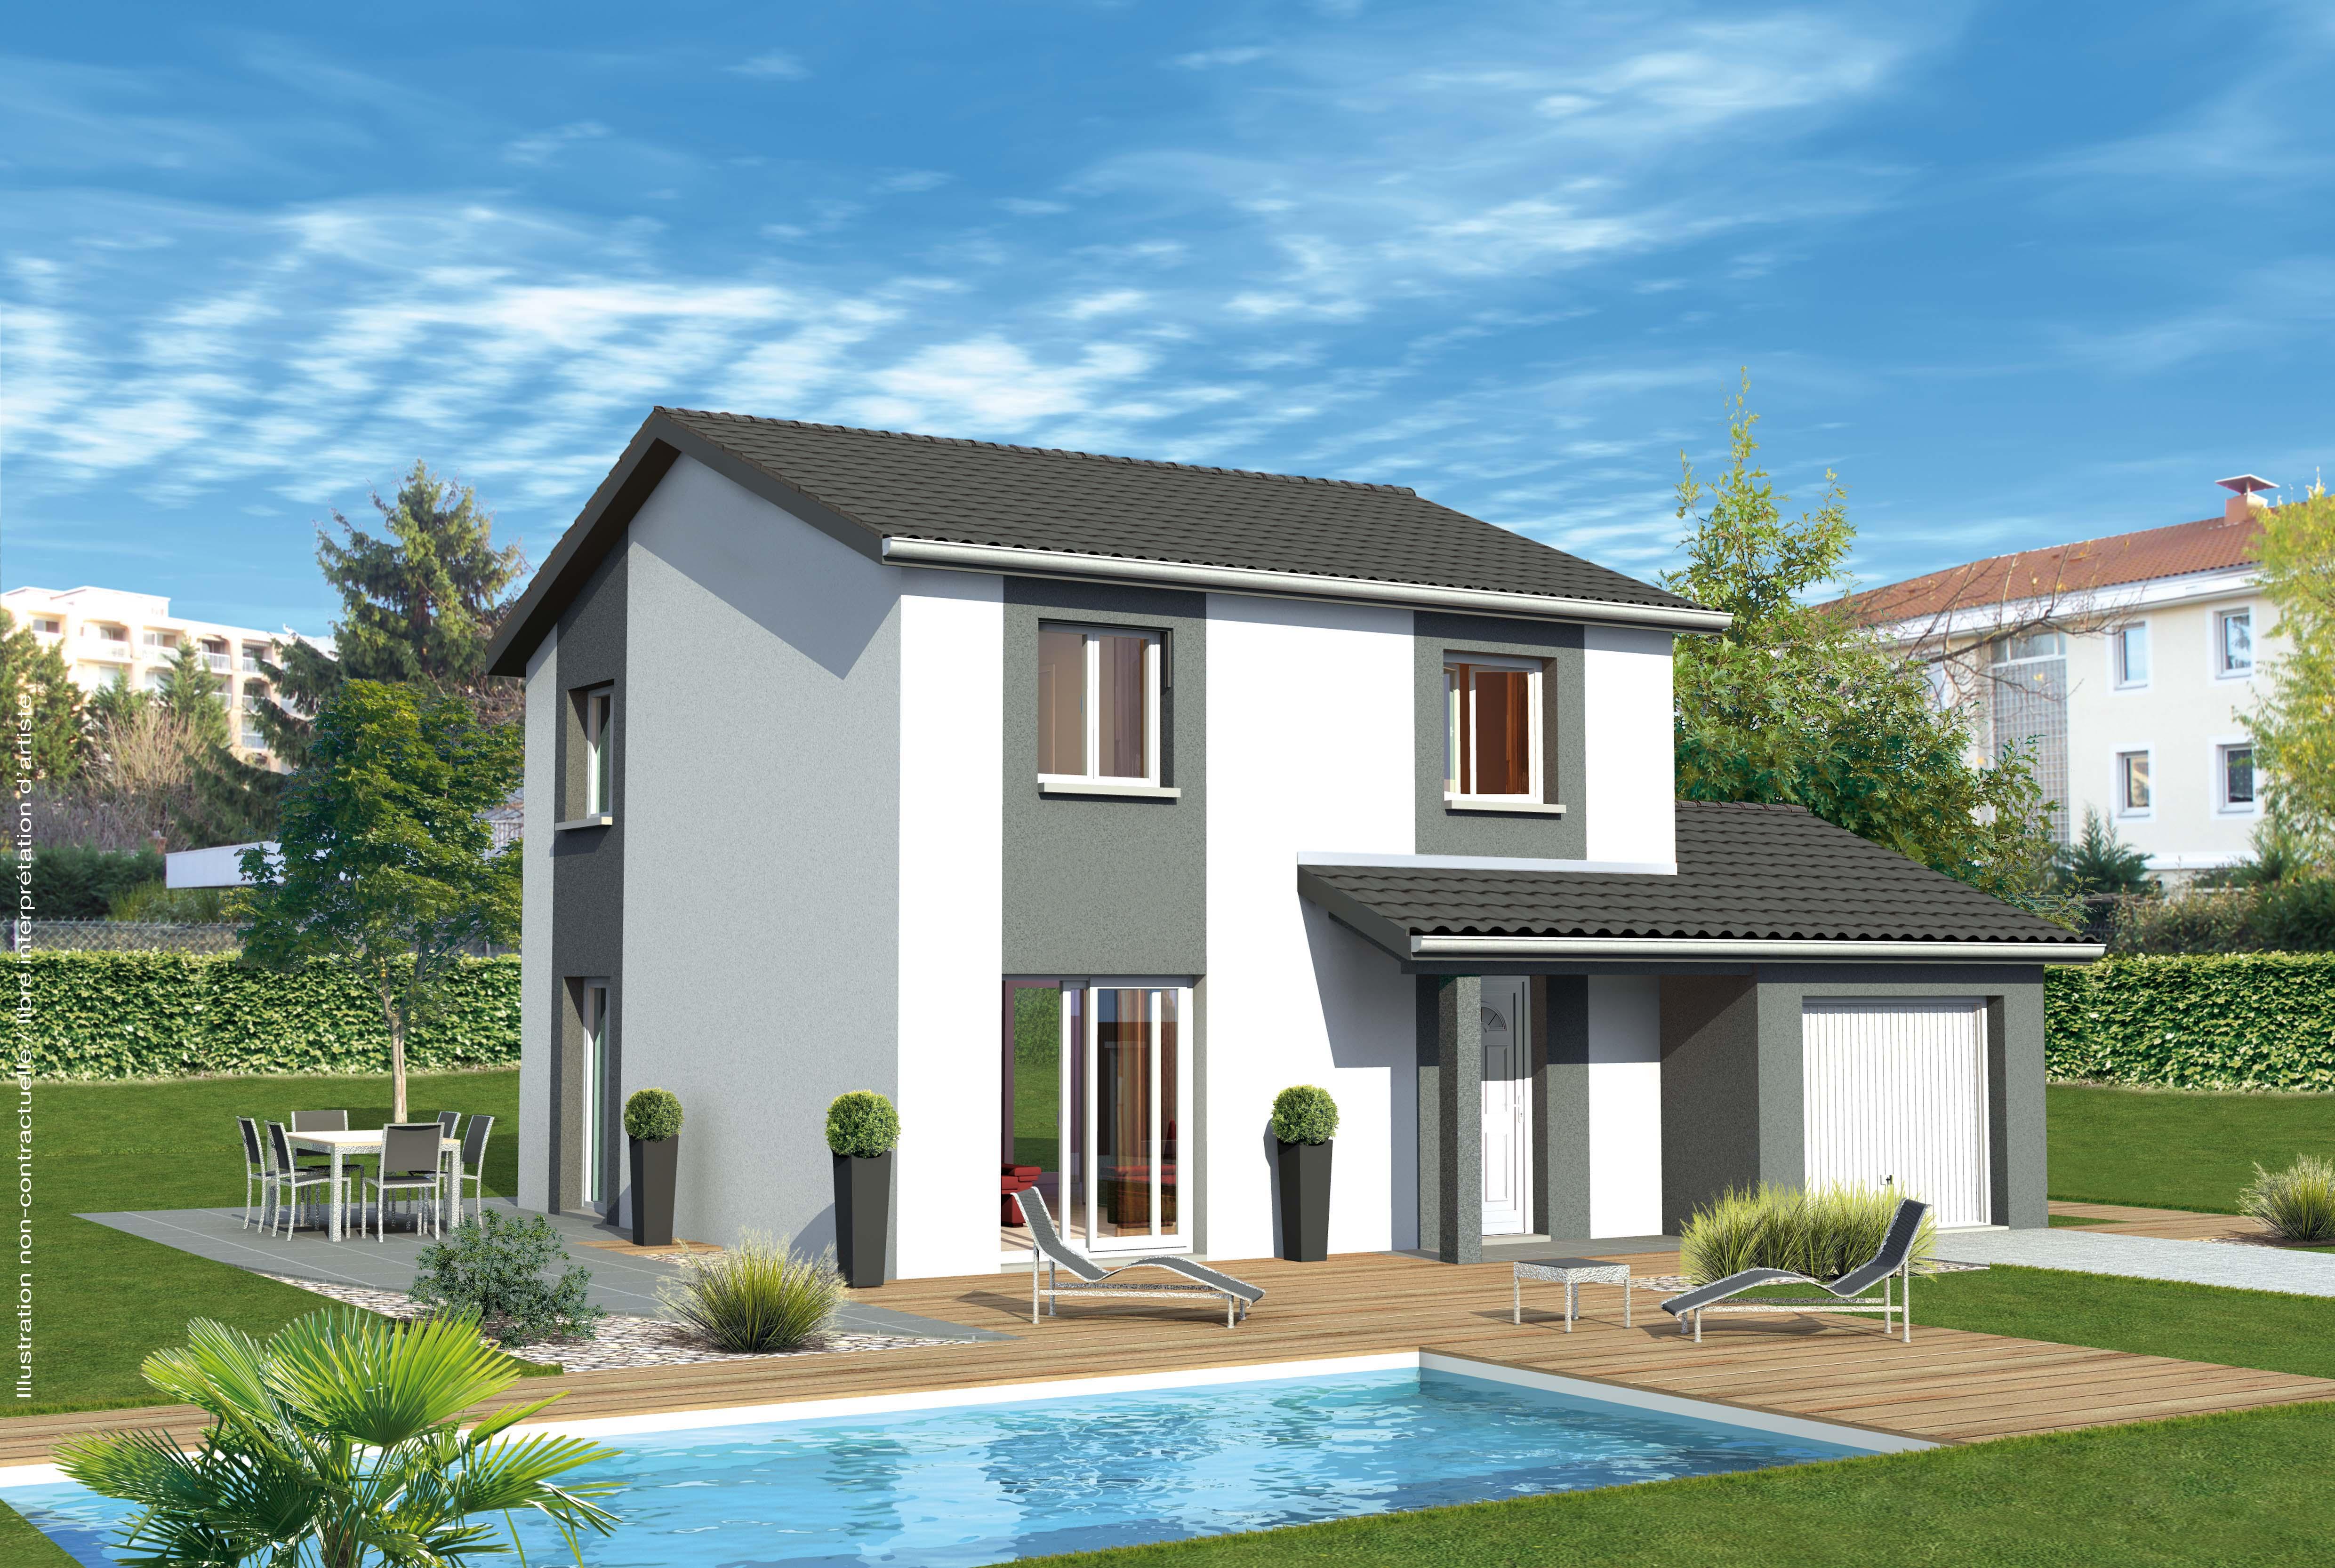 Maisons + Terrains du constructeur MAISONS PUNCH • 94 m² • VILLEFRANCHE SUR SAONE